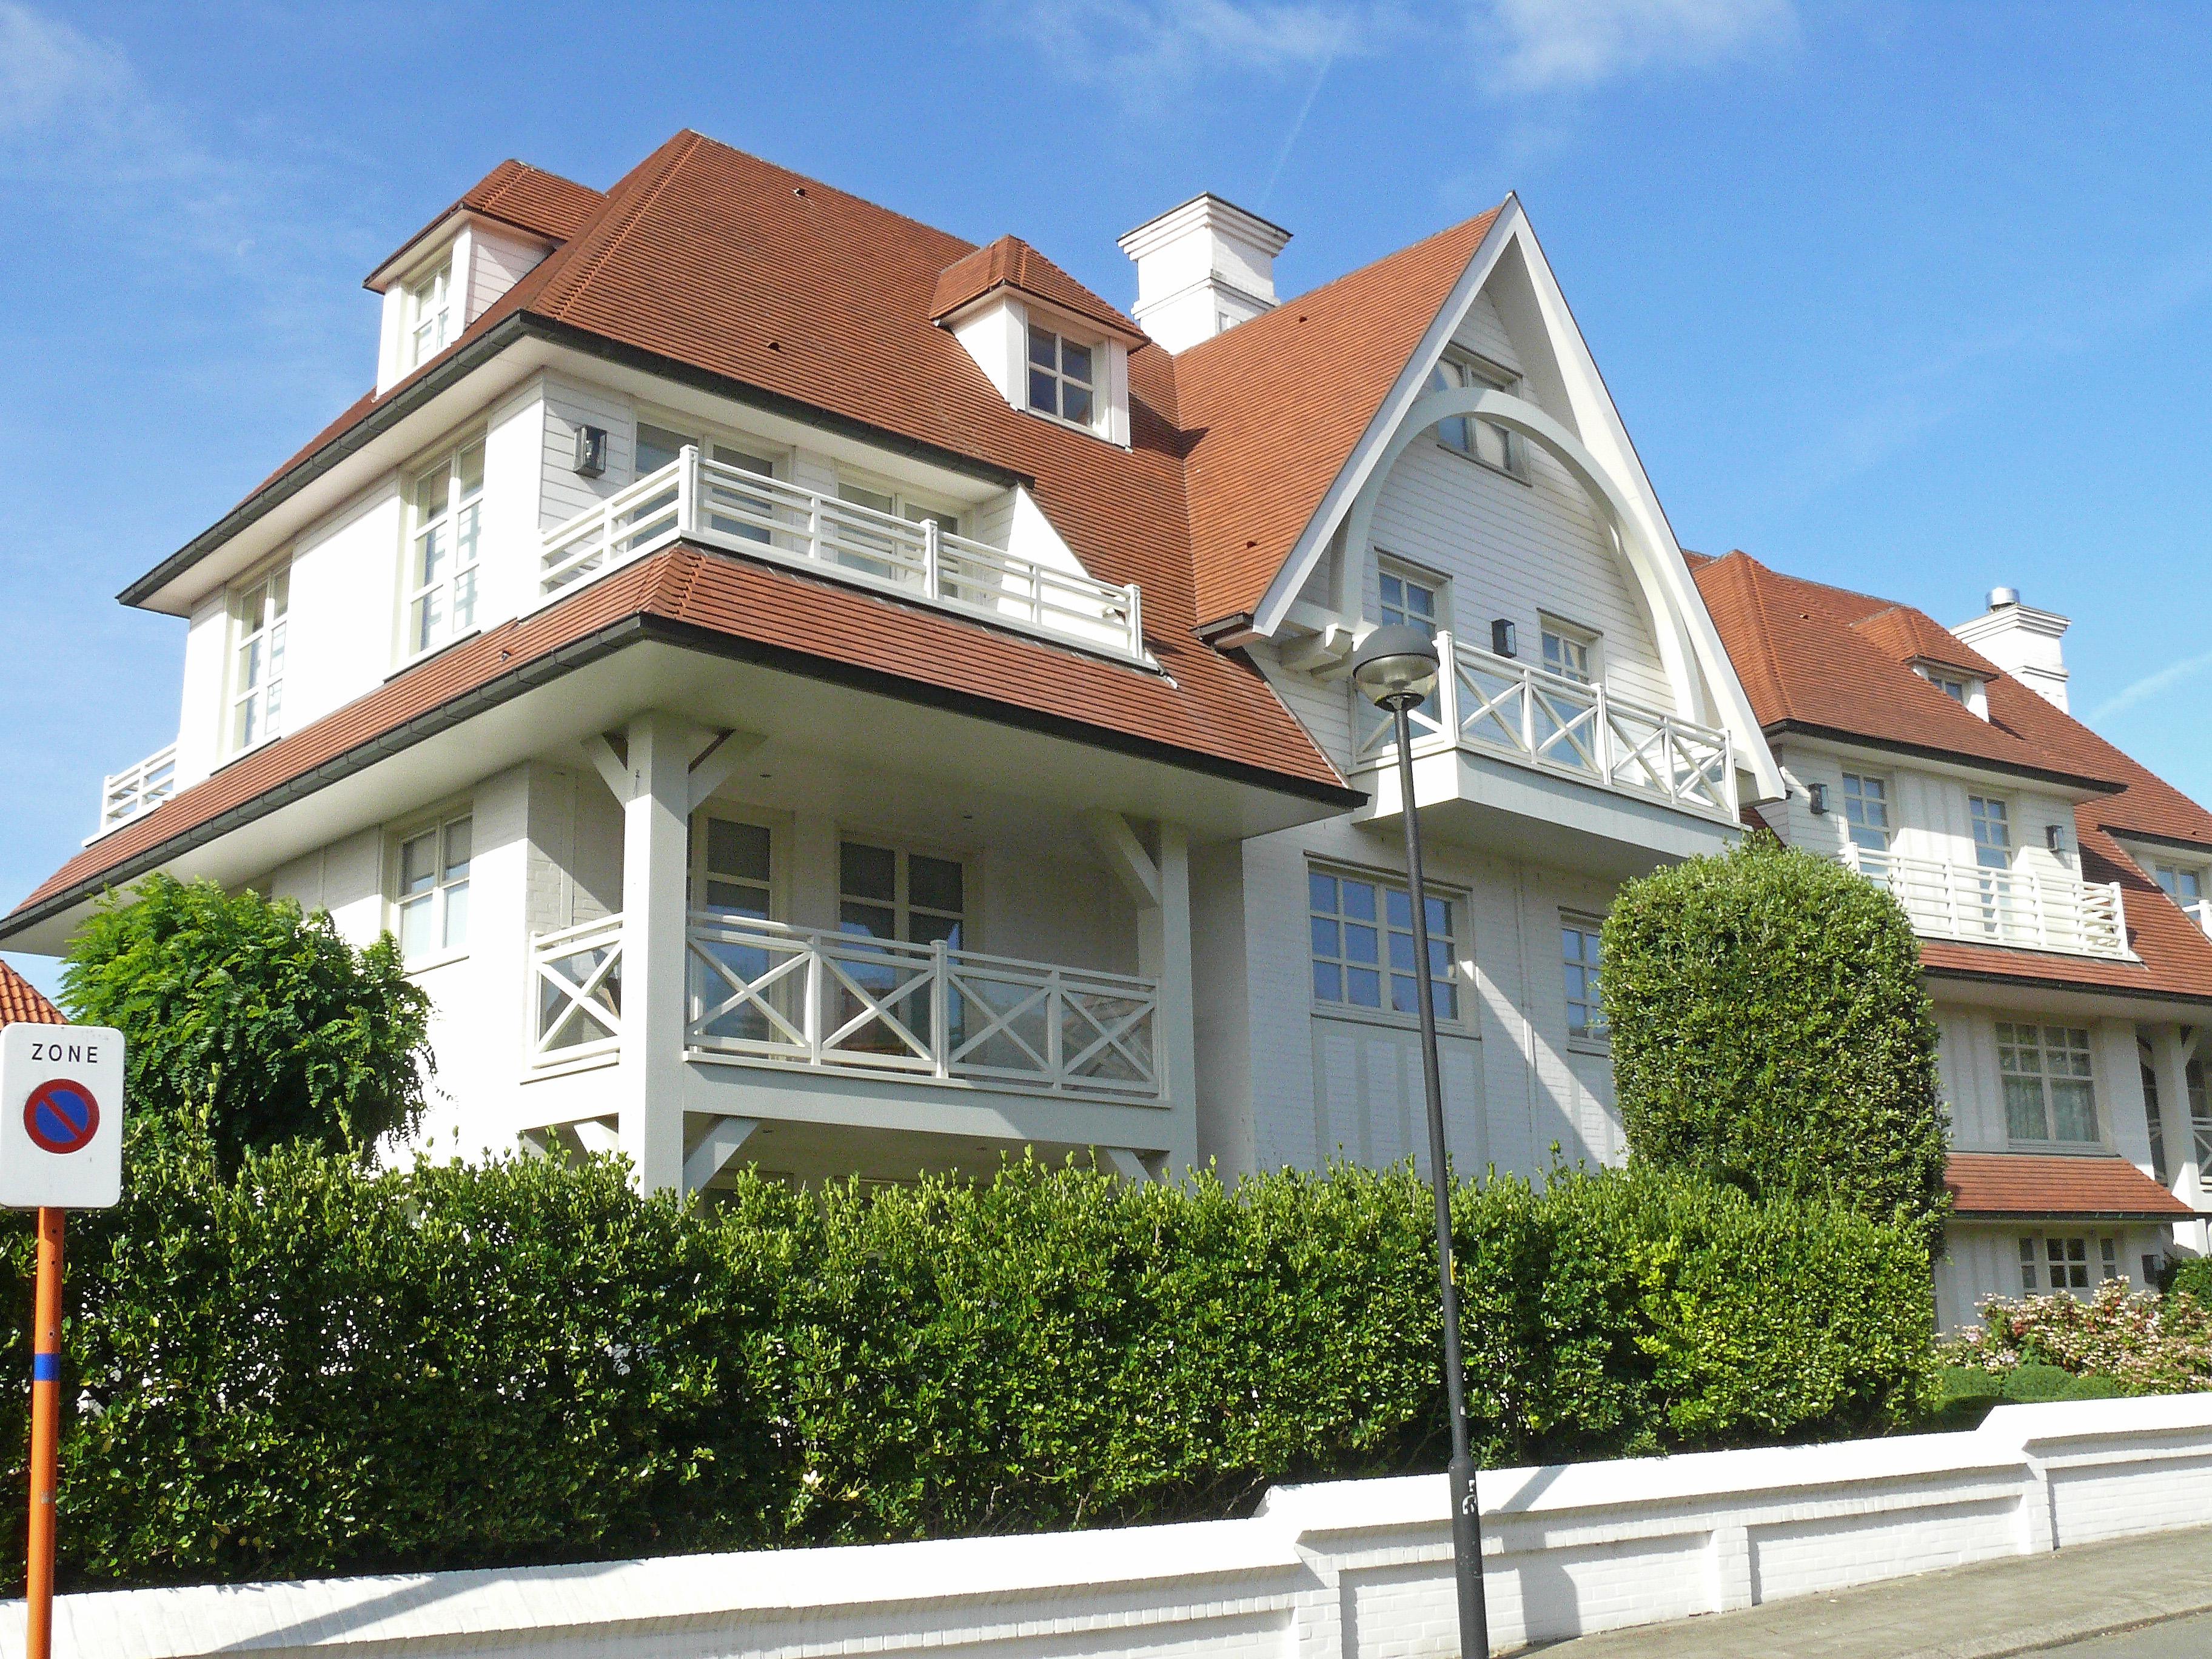 File:hedendaagse villa krekelpad 1 duinbergen knokke heist .jpg